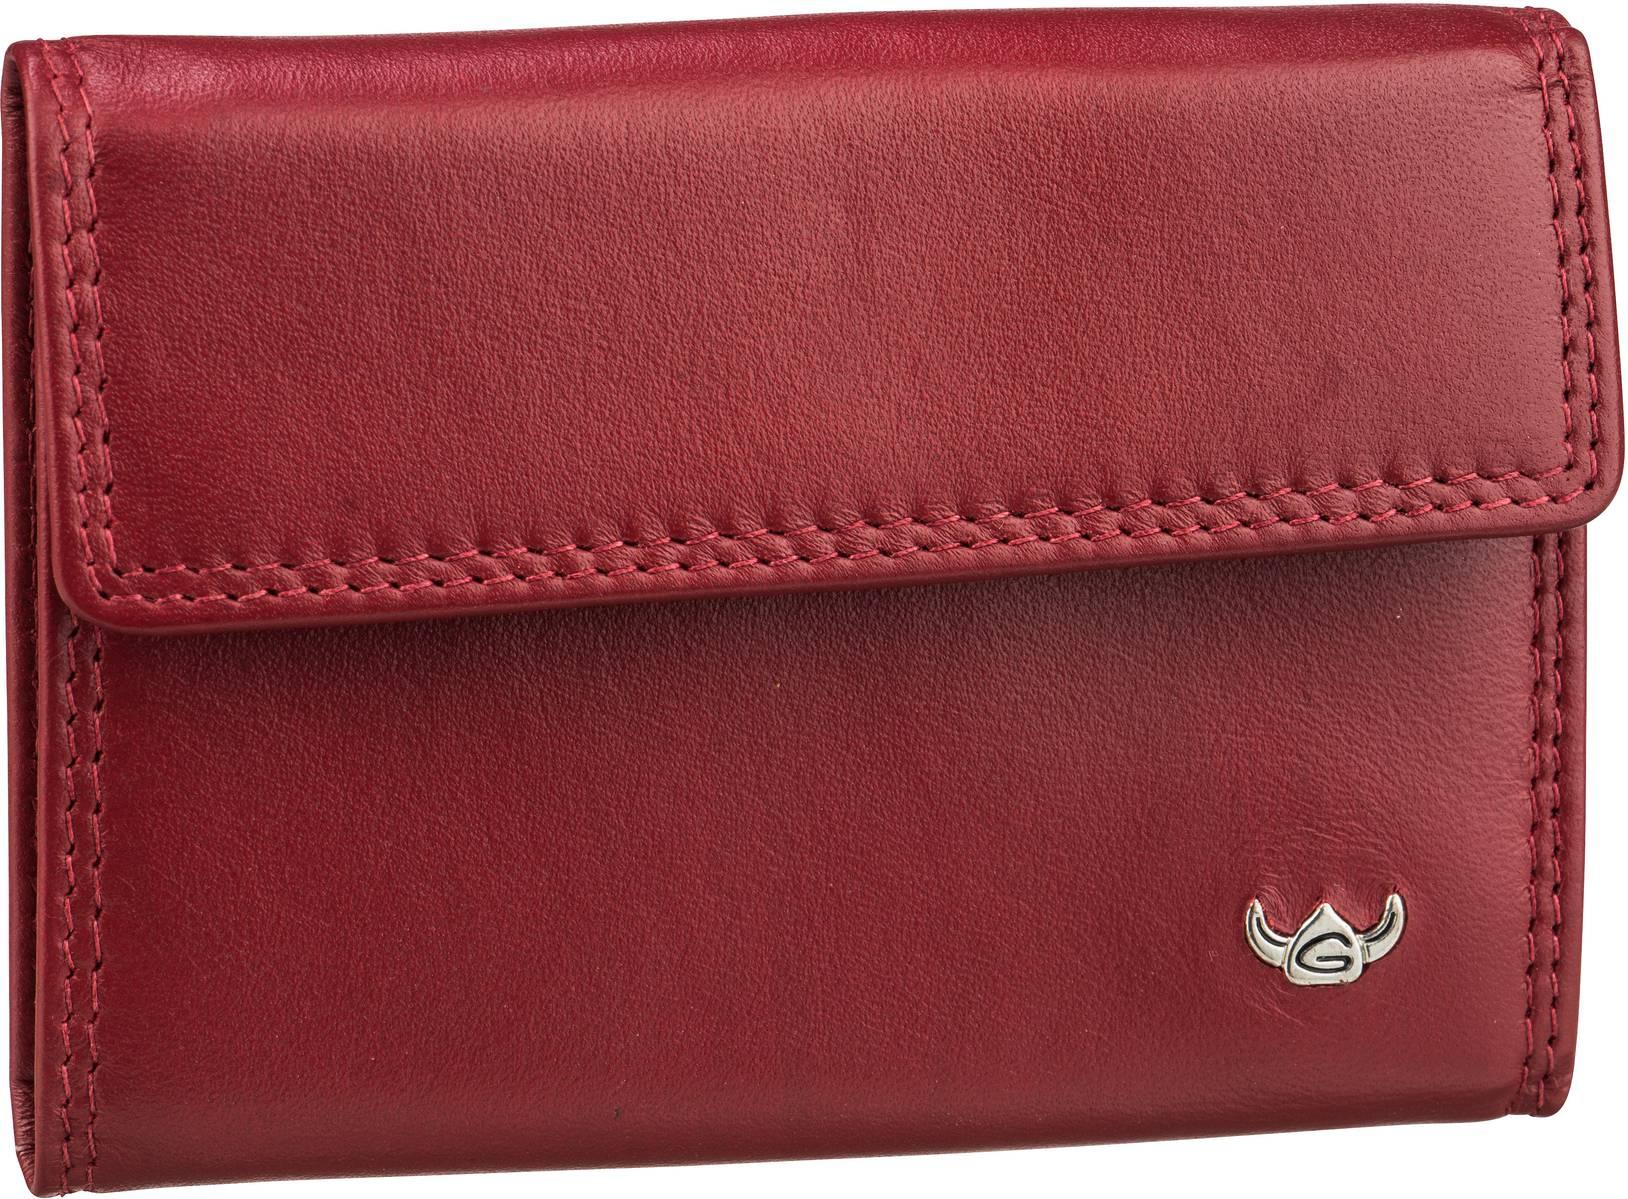 Kleinwaren - Golden Head Schlüsseletui Polo 5150 Rot  - Onlineshop Taschenkaufhaus